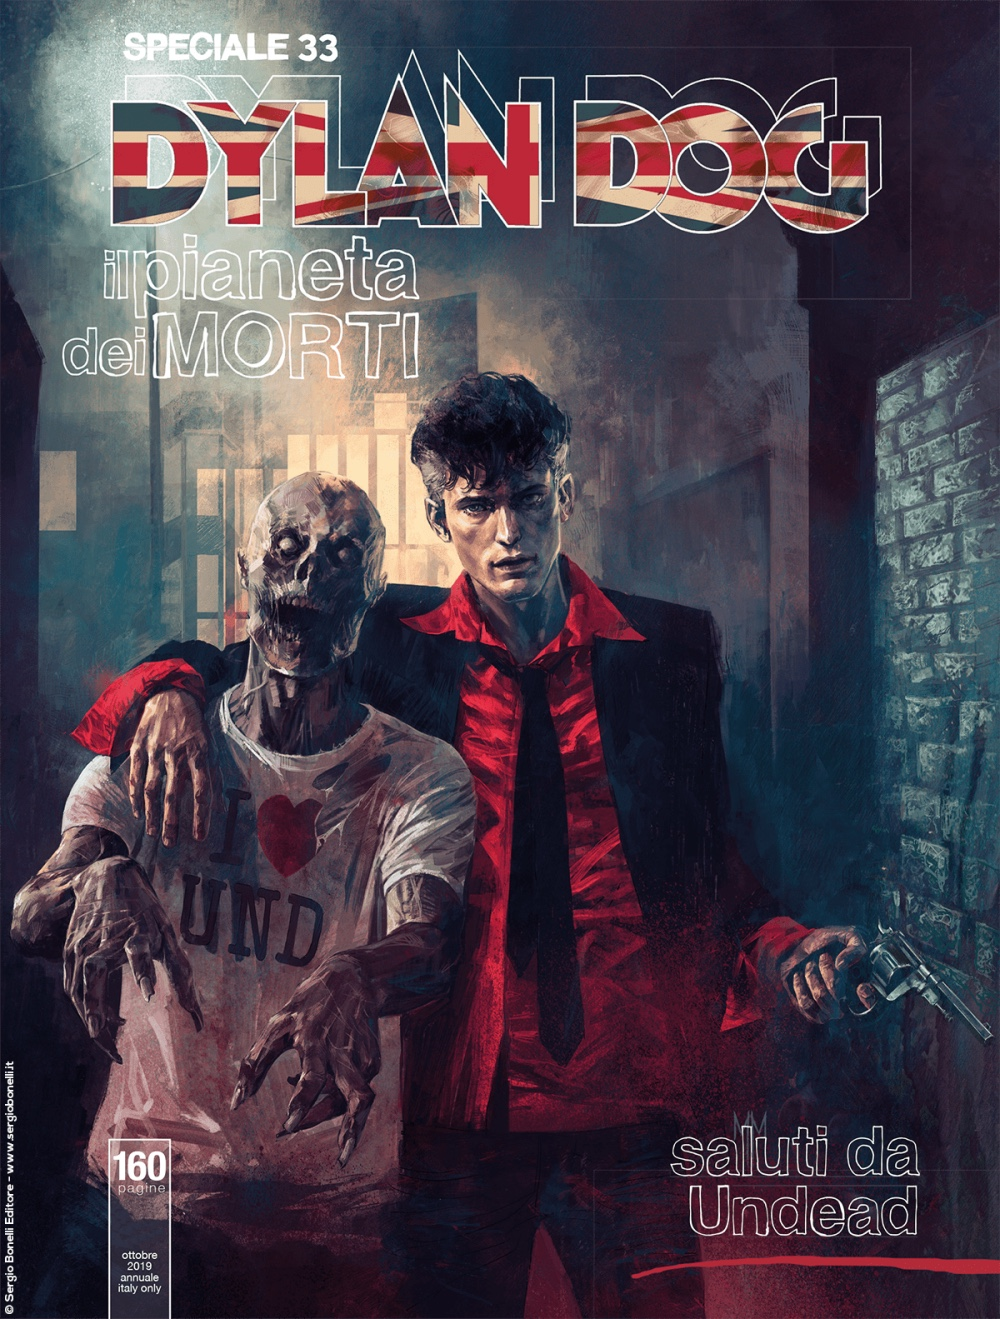 Speciale Dylan Dog 33: Saluti da Undead, copertina di Marco Mastrazzo